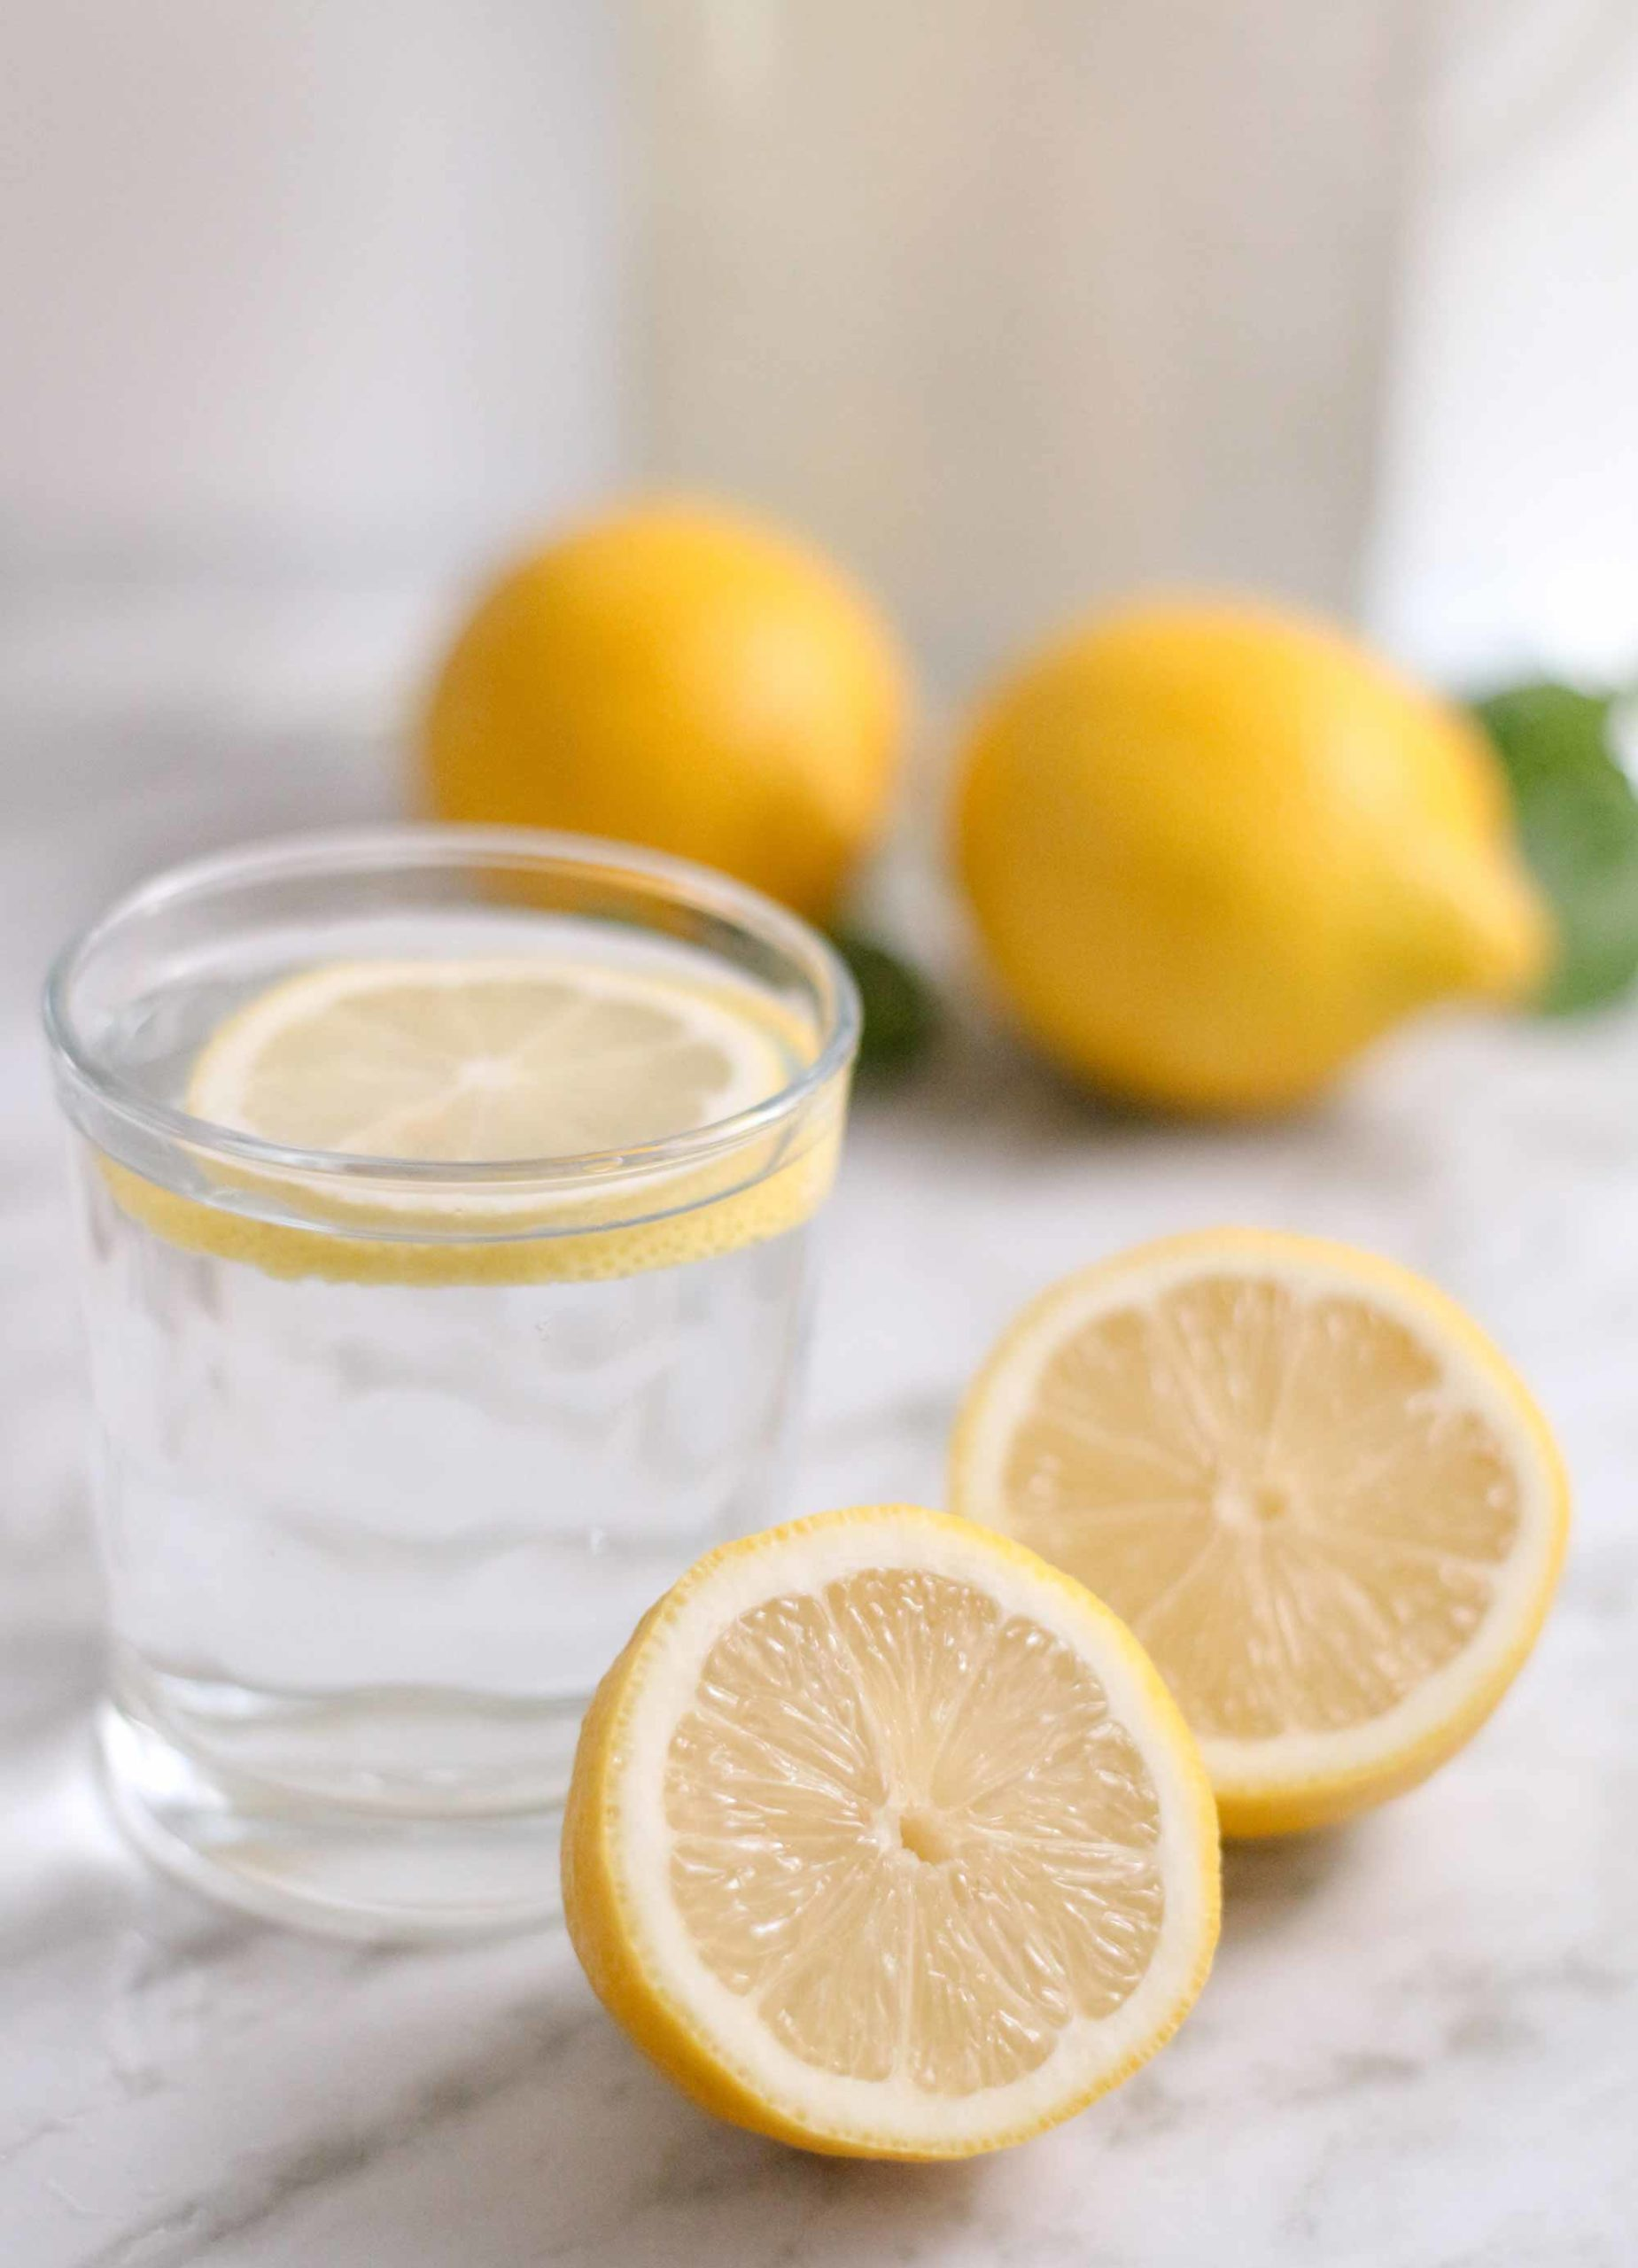 Dlaczego warto rano pić wodę z cytryną?